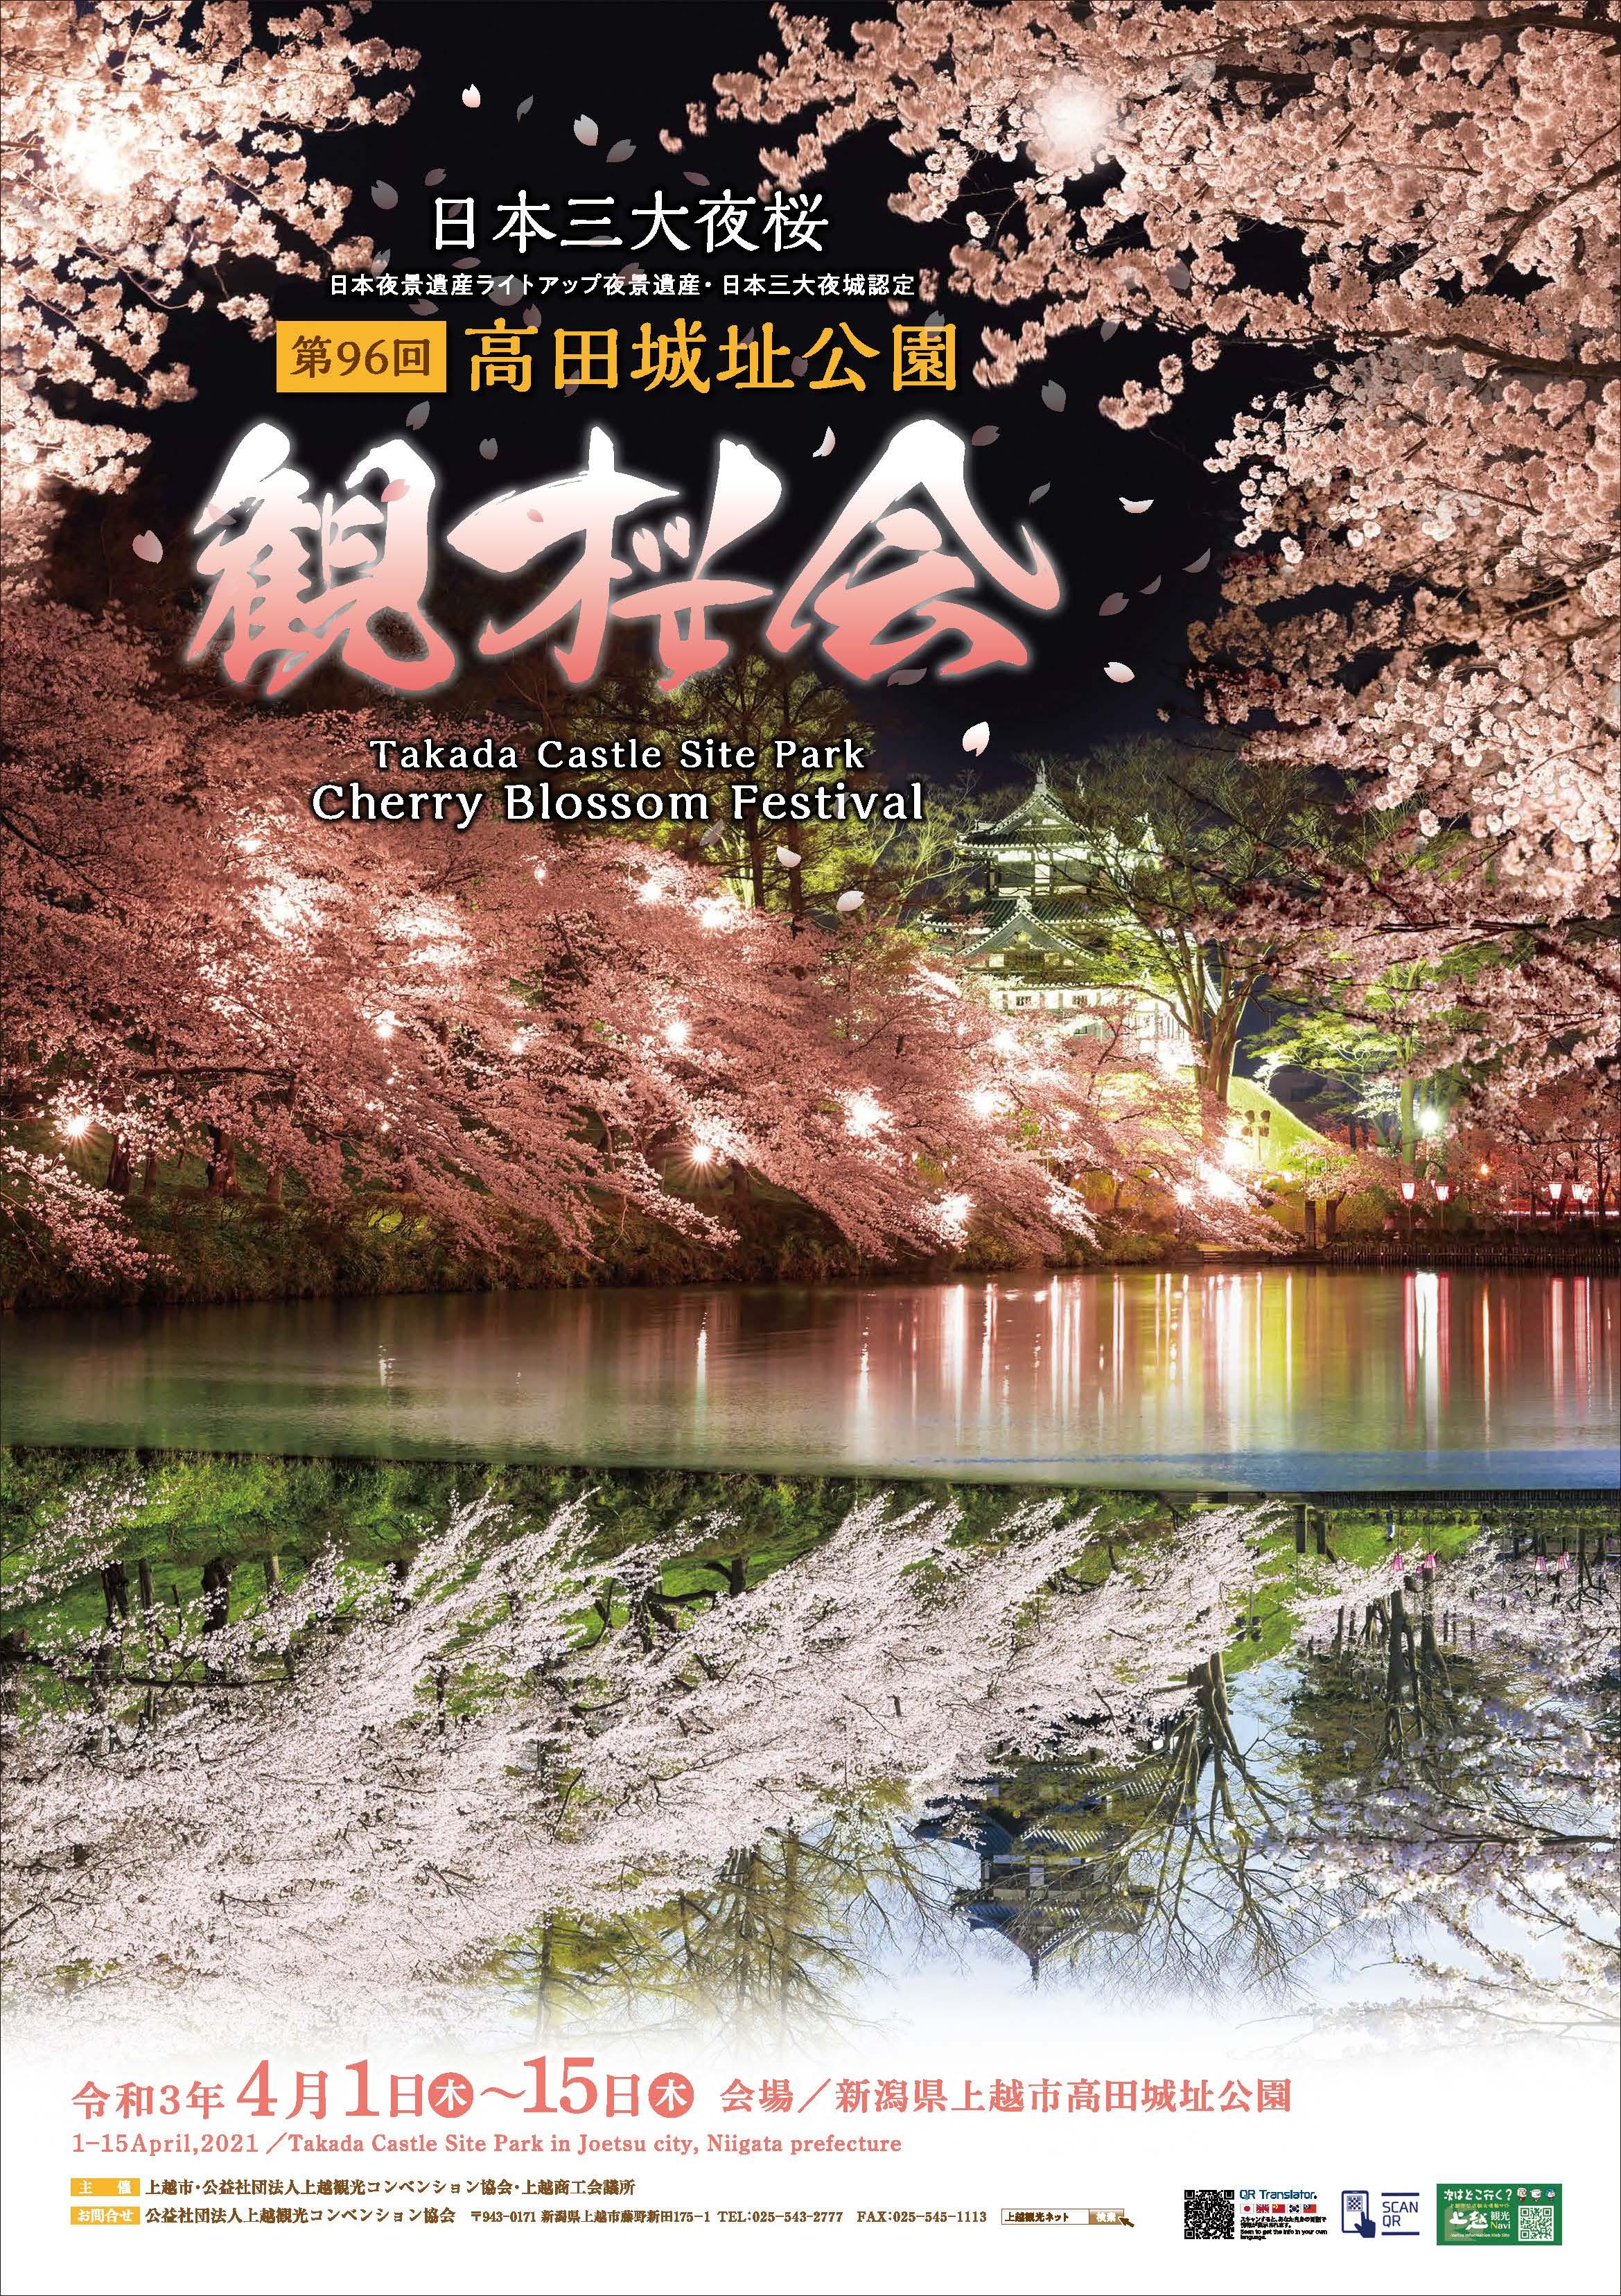 08-2令和3年度「第96回高田城址公園観桜会」のポスター